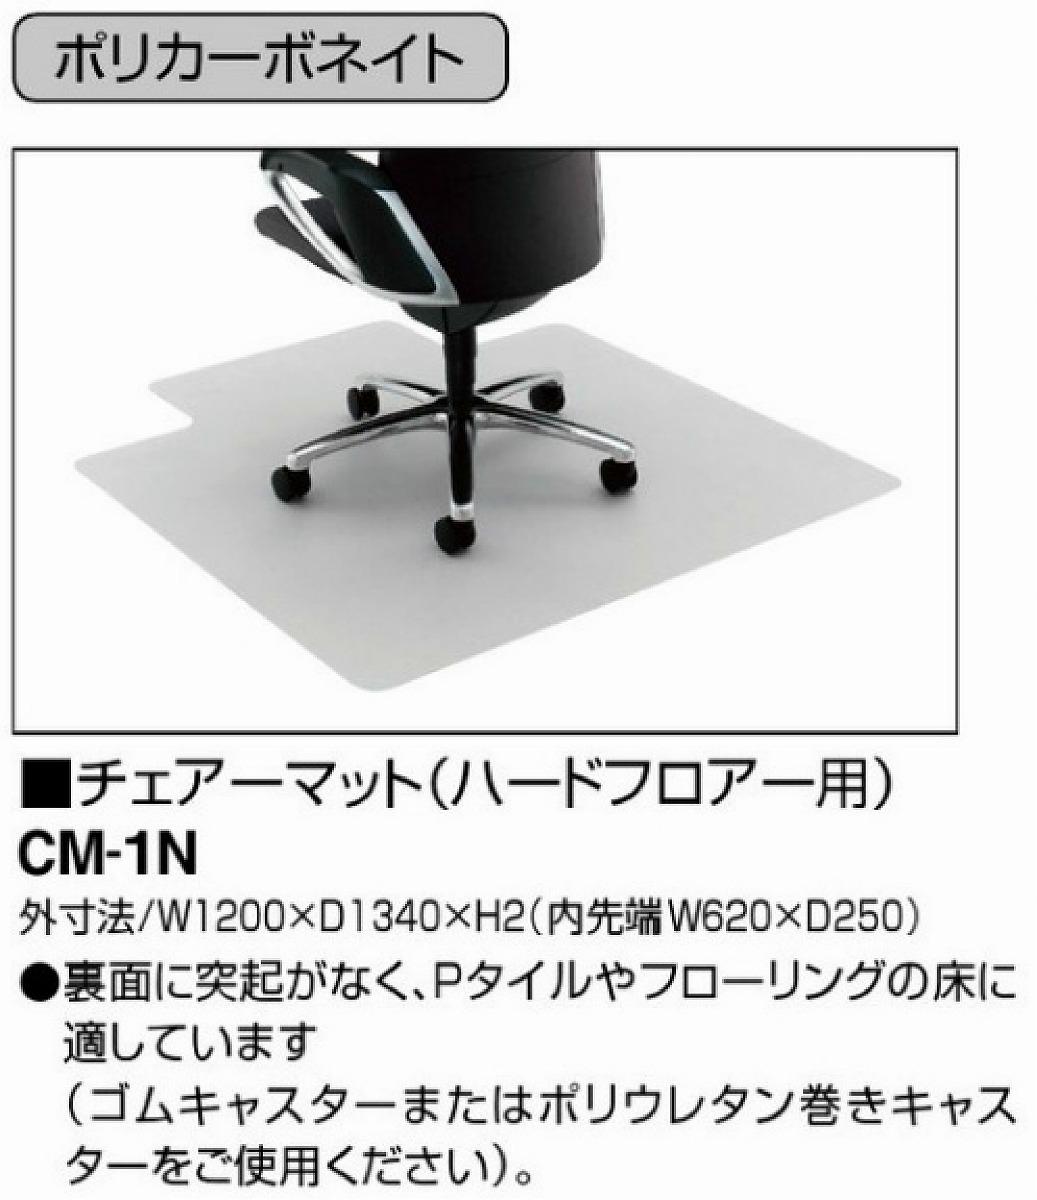 オプション チェアーマット 【 ハードフロアー用 】 【 コクヨ 】  ポリカーボネート製で、キャスターや椅子の脚による痛みから、カーペットを保護します。  チェアマット チェアー マット 床の保護に